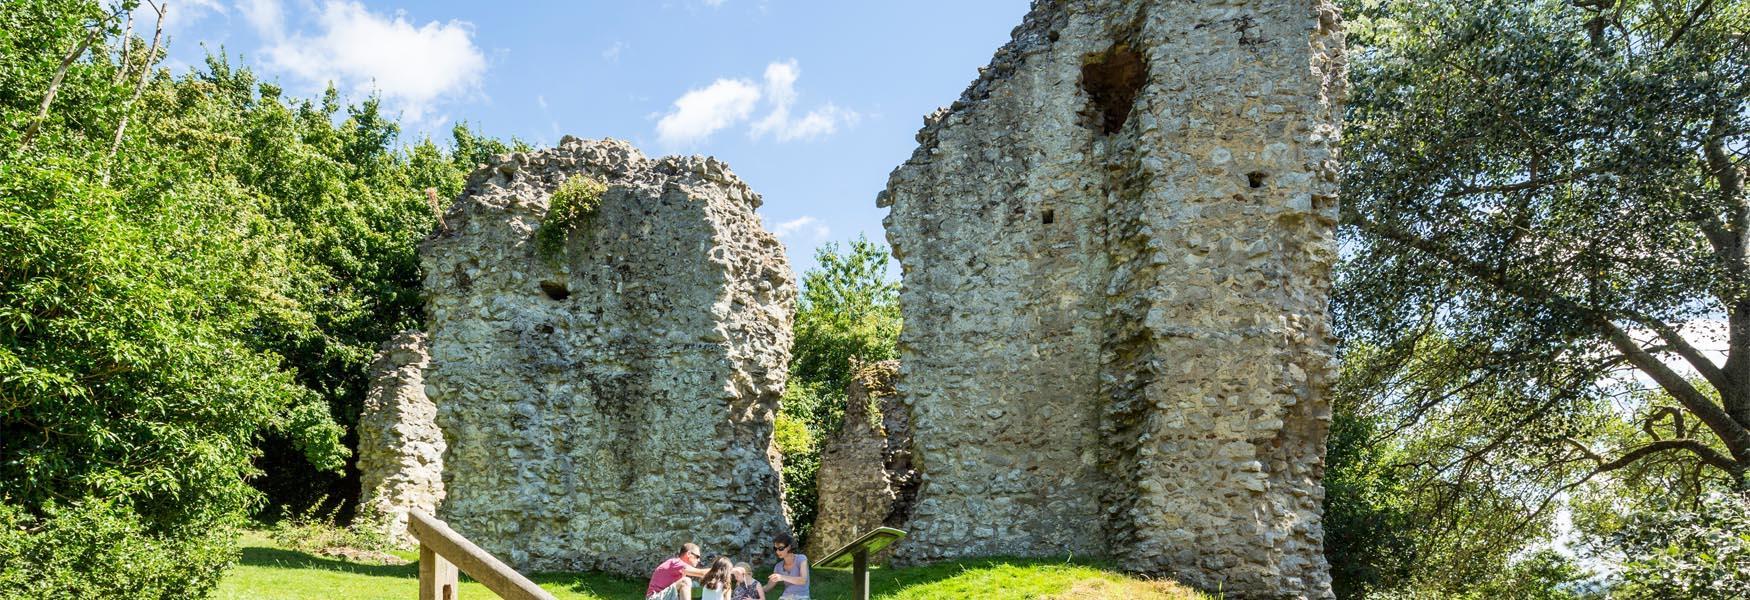 Sutton Valence Castle Ruins